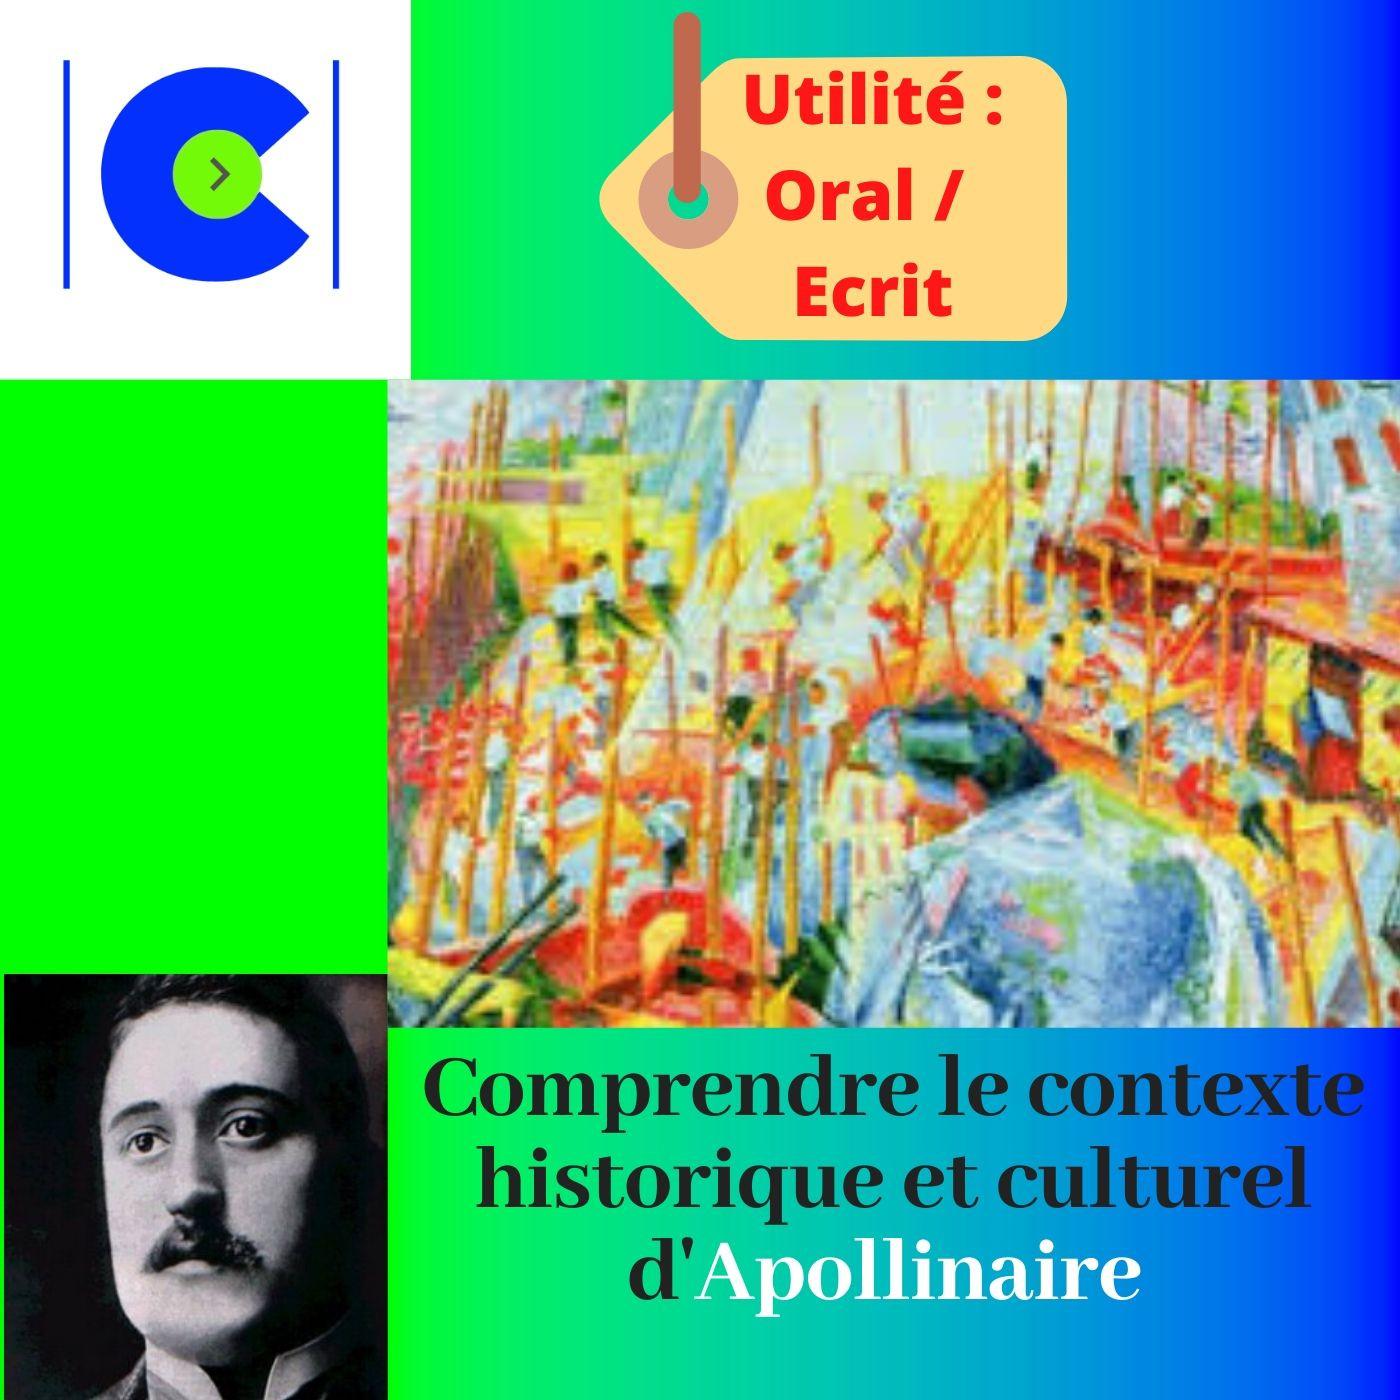 Comprendre le contexte historique et culturel d'APOLLINAIRE.